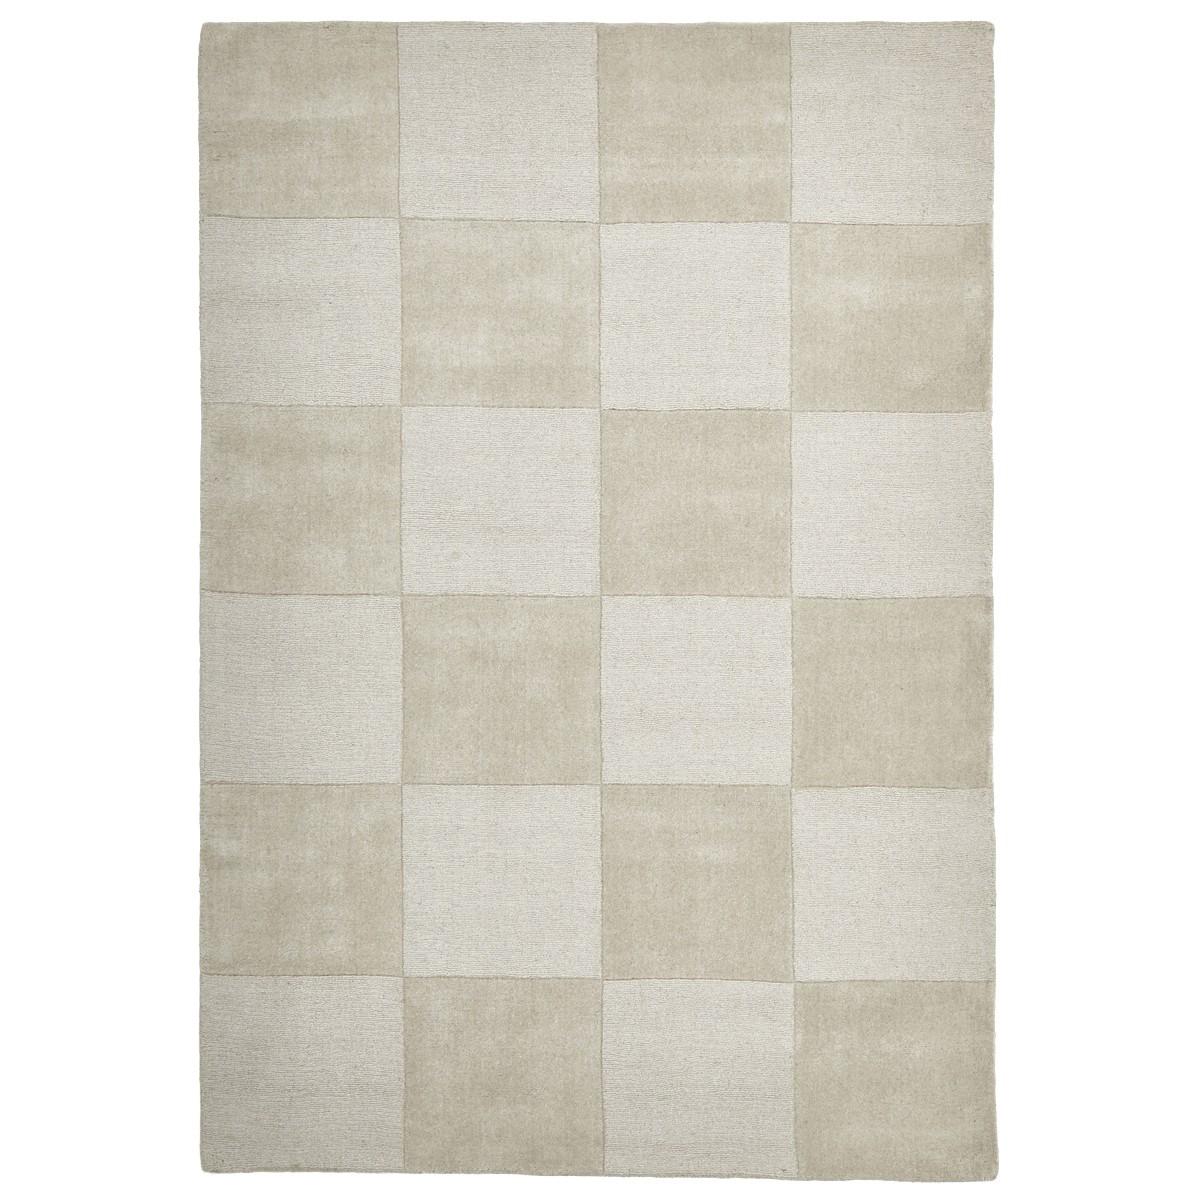 Evangeline Hand Loomed Modern Wool Rug, 165x115cm, Oatmeal